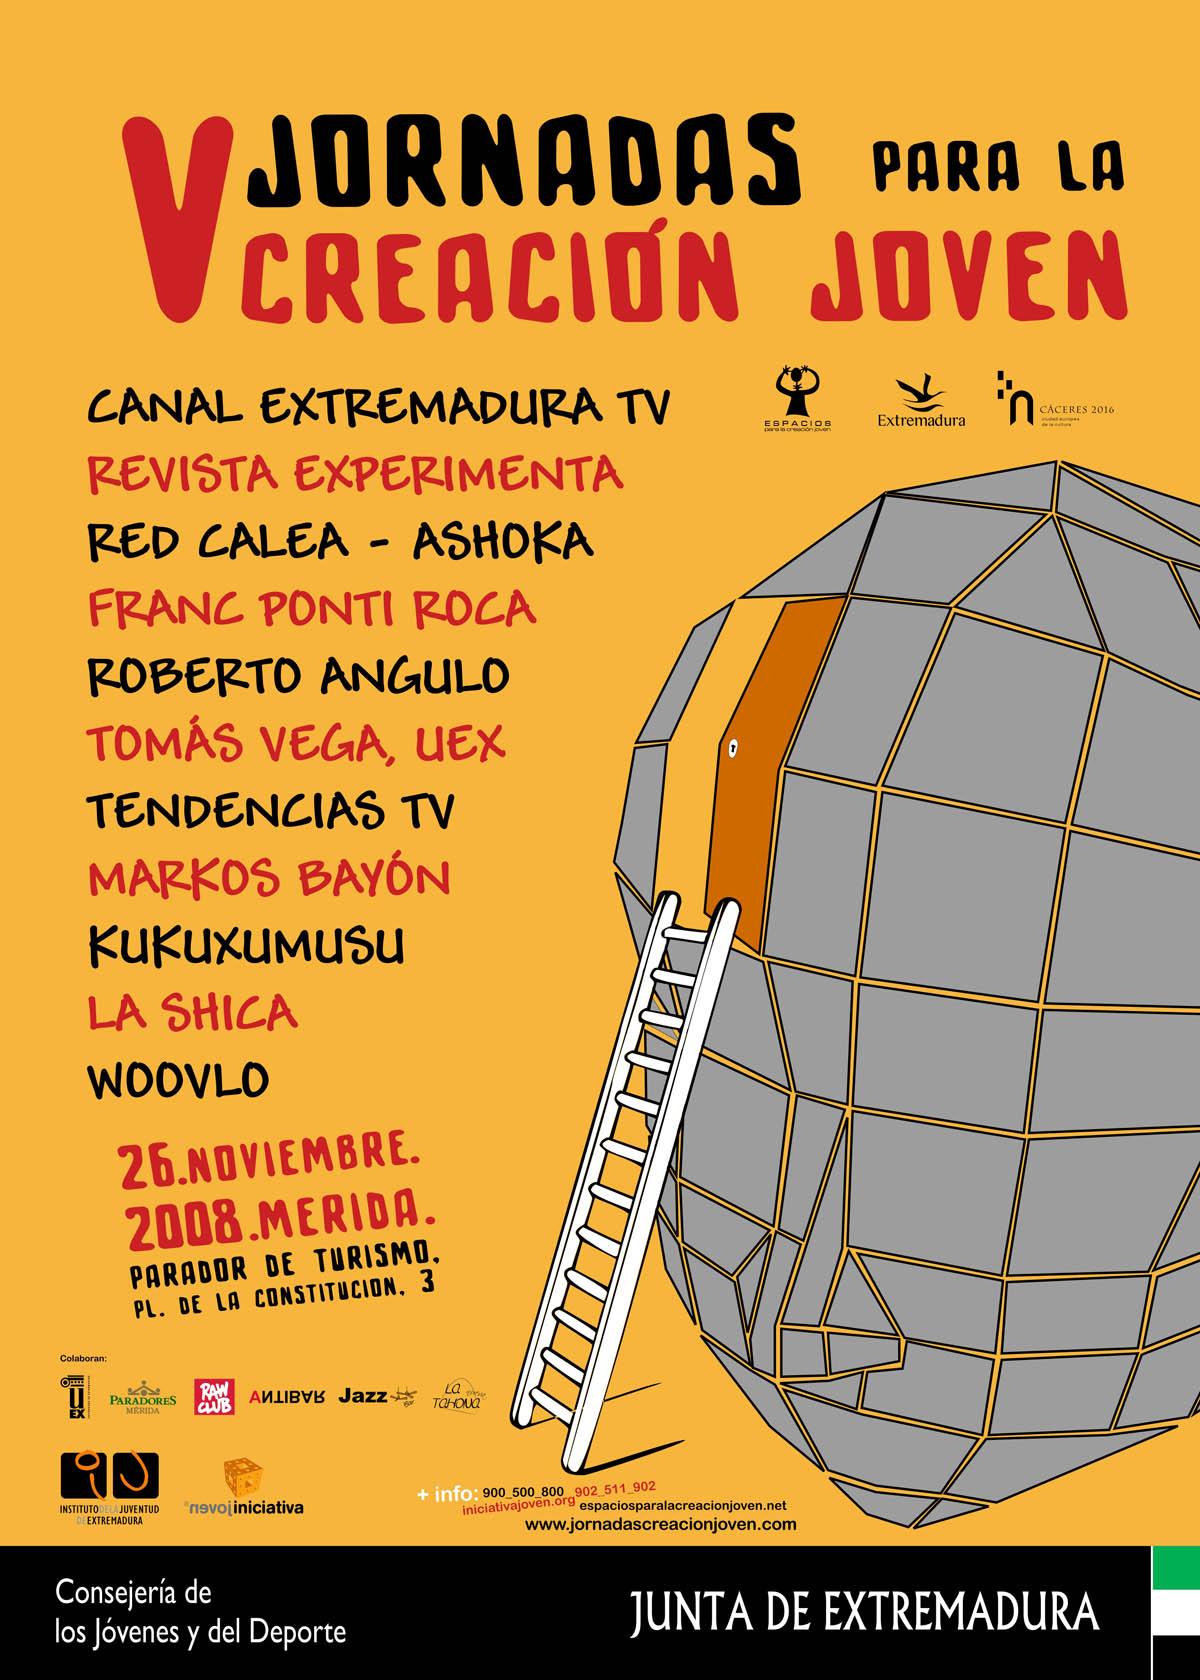 Fuimos a Mérida y participamos en V Jornadas para la Creación Joven